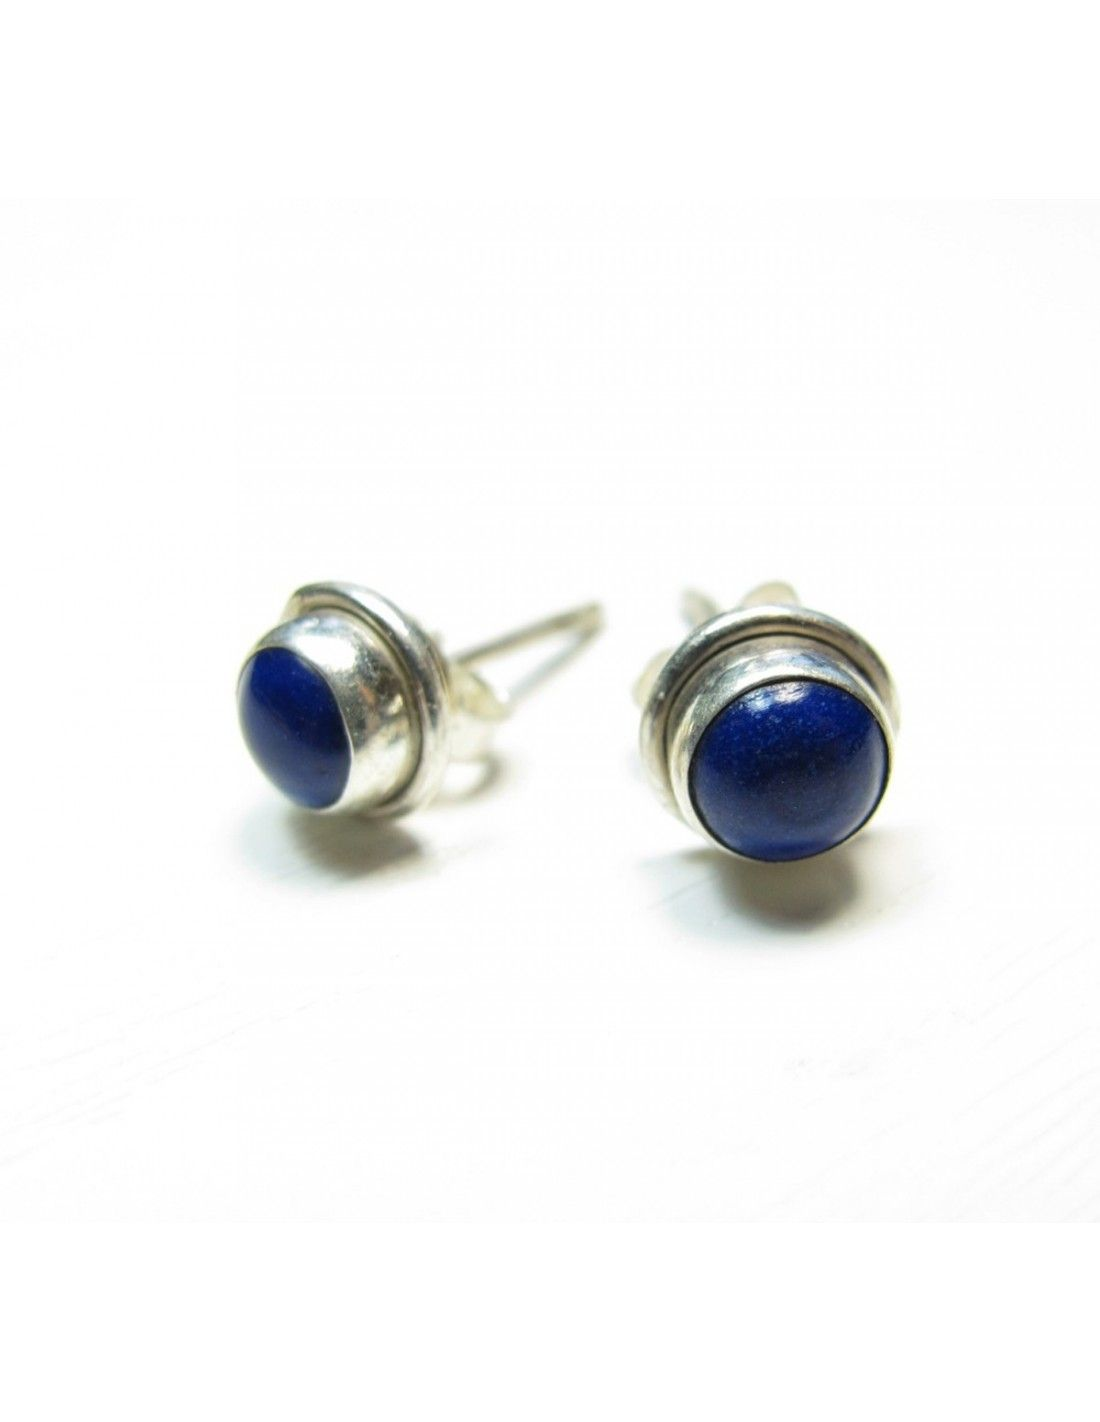 boucles clou d 39 oreilles argent et lapis lazuli monture lisse bijou d 39 oreille en argent. Black Bedroom Furniture Sets. Home Design Ideas